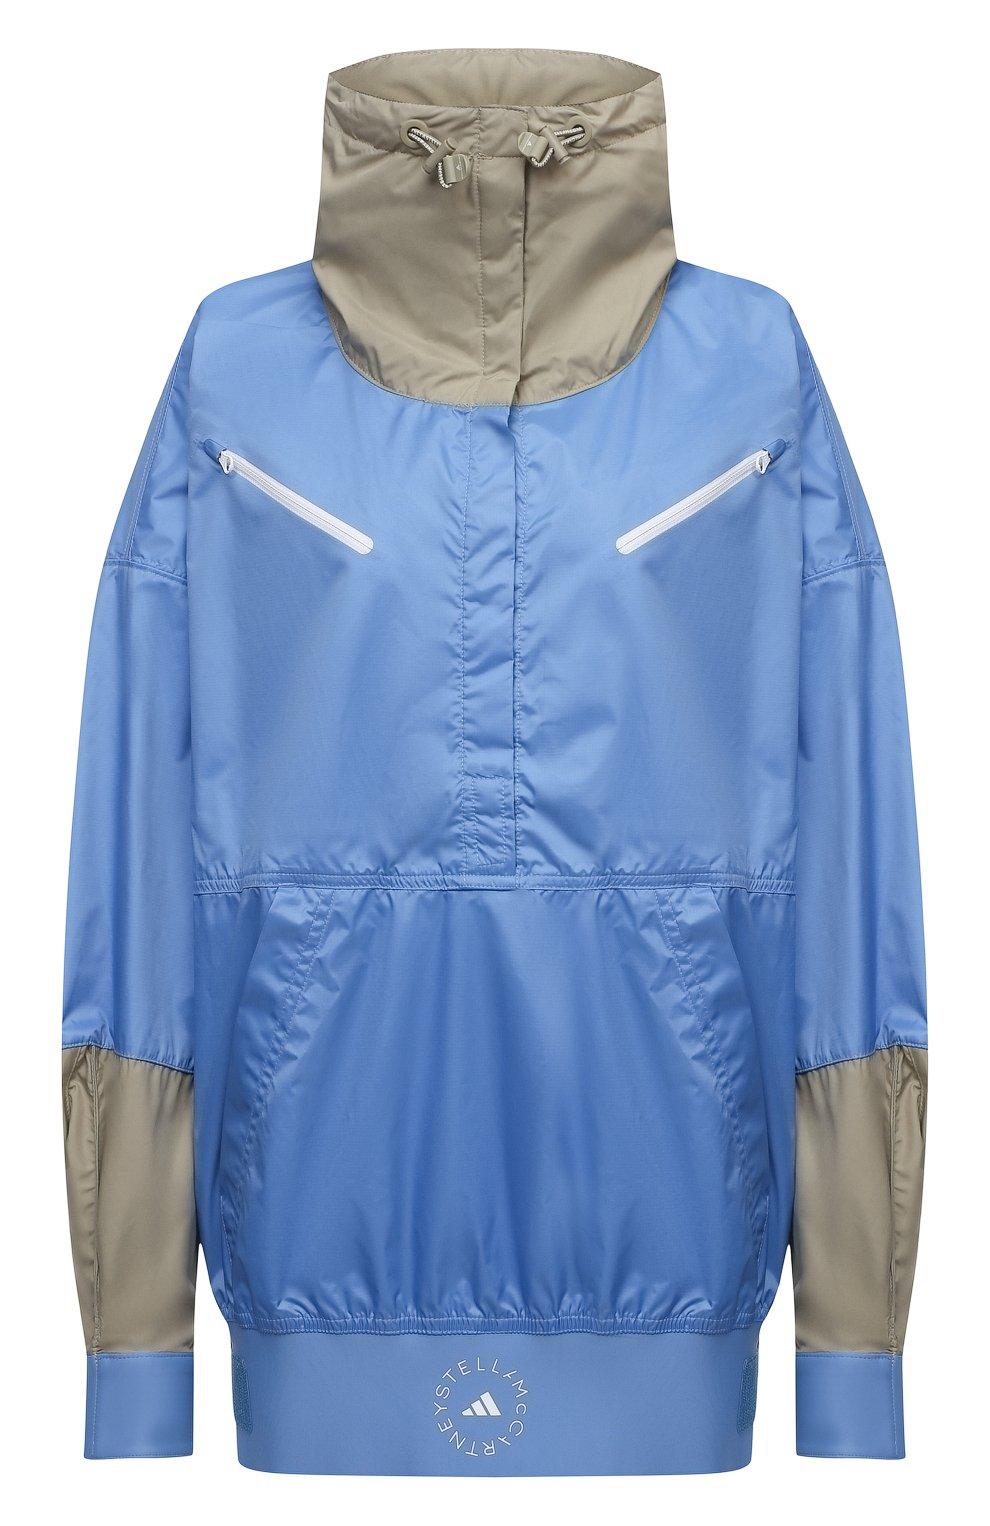 Женская ветровка ADIDAS BY STELLA MCCARTNEY голубого цвета, арт. GL7332 | Фото 1 (Кросс-КТ: Куртка, Ветровка; Рукава: Длинные; Женское Кросс-КТ: Куртка-спорт; Длина (верхняя одежда): До середины бедра; Материал внешний: Синтетический материал; Стили: Спорт-шик)